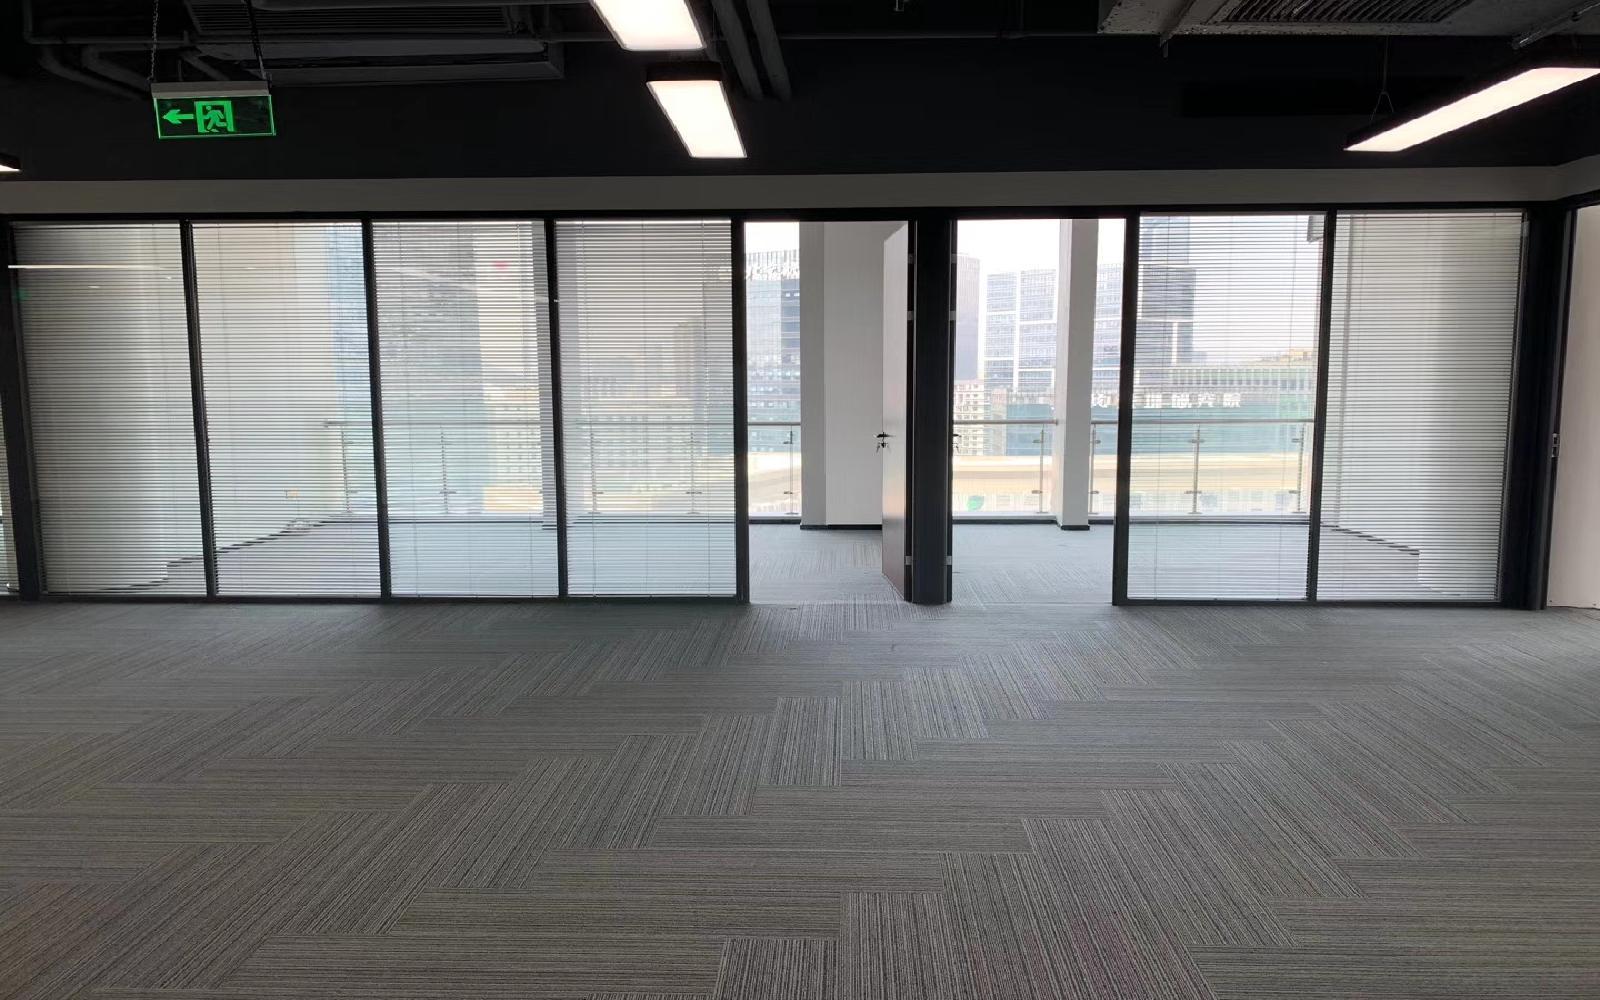 福田-华强 西丽大厦 358m²